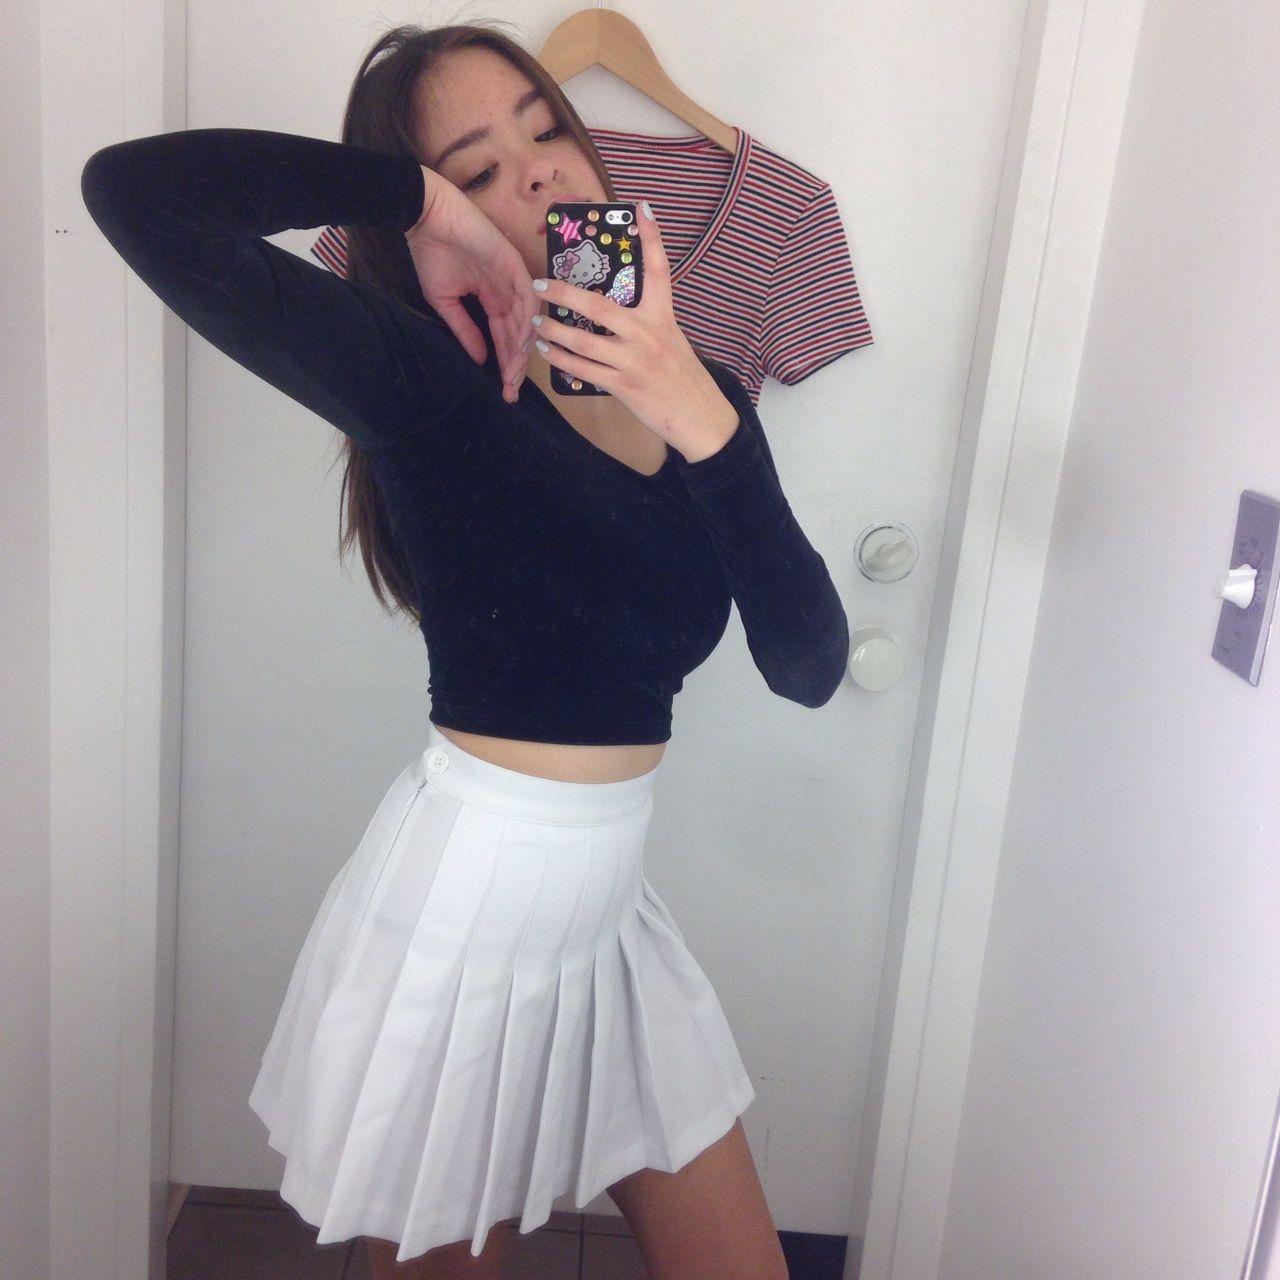 Aaselfie Pleated Tennis Skirt Fashion Pleated Mini Skirt